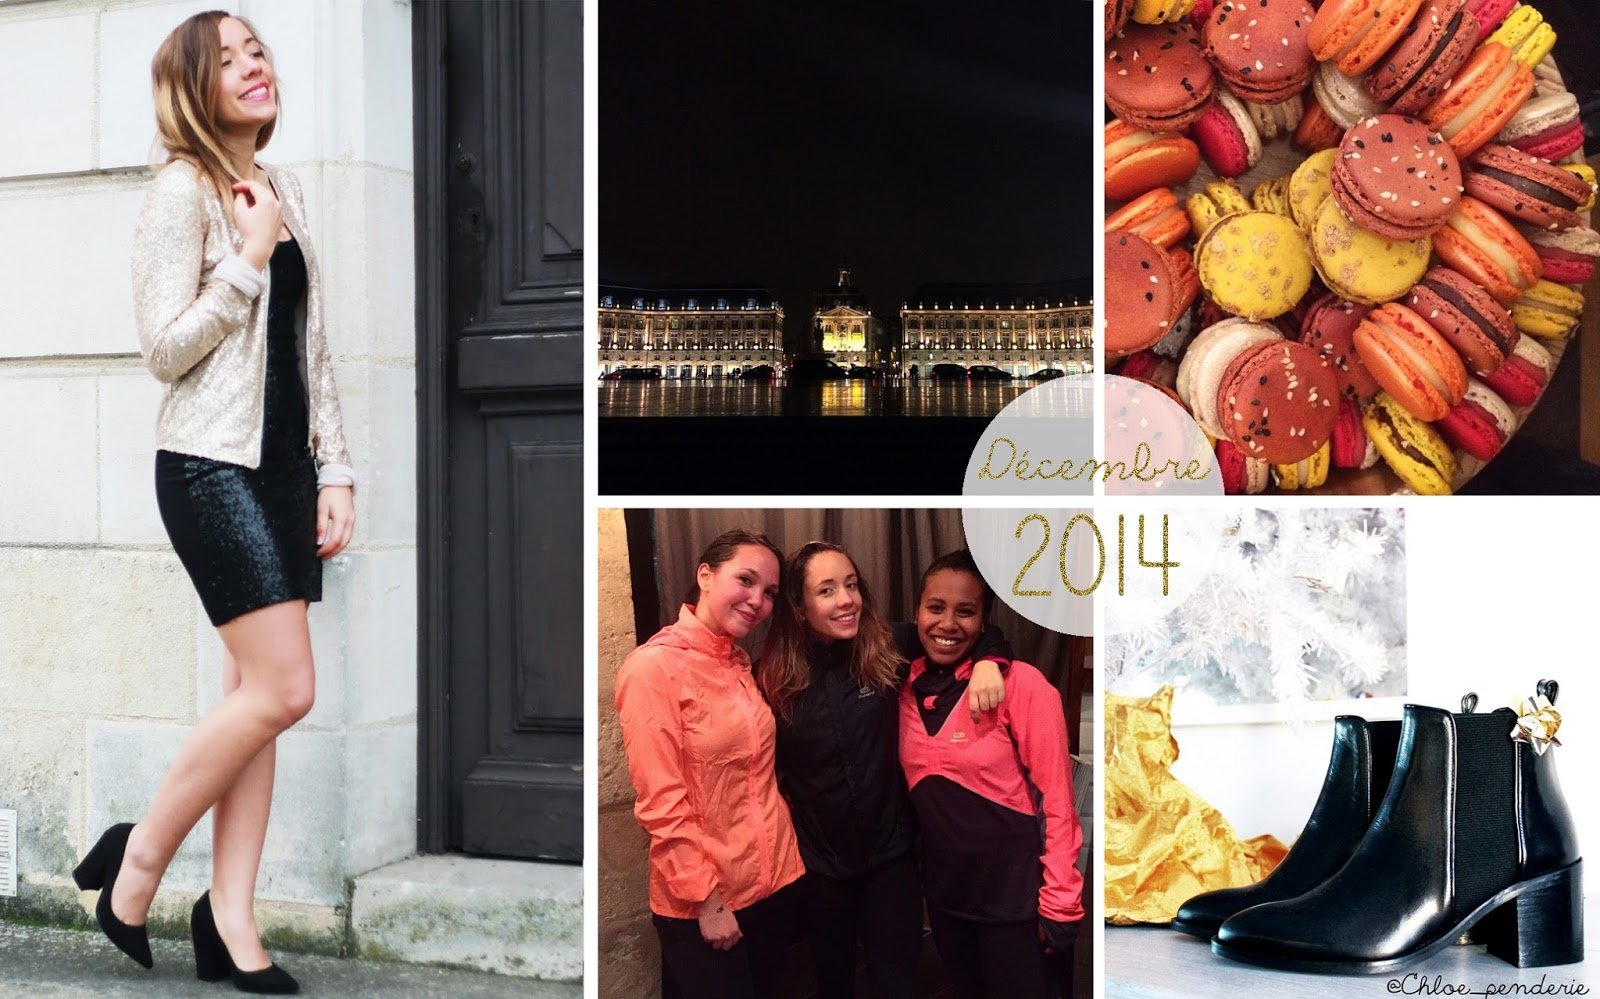 Décembre 2014 Bonheur